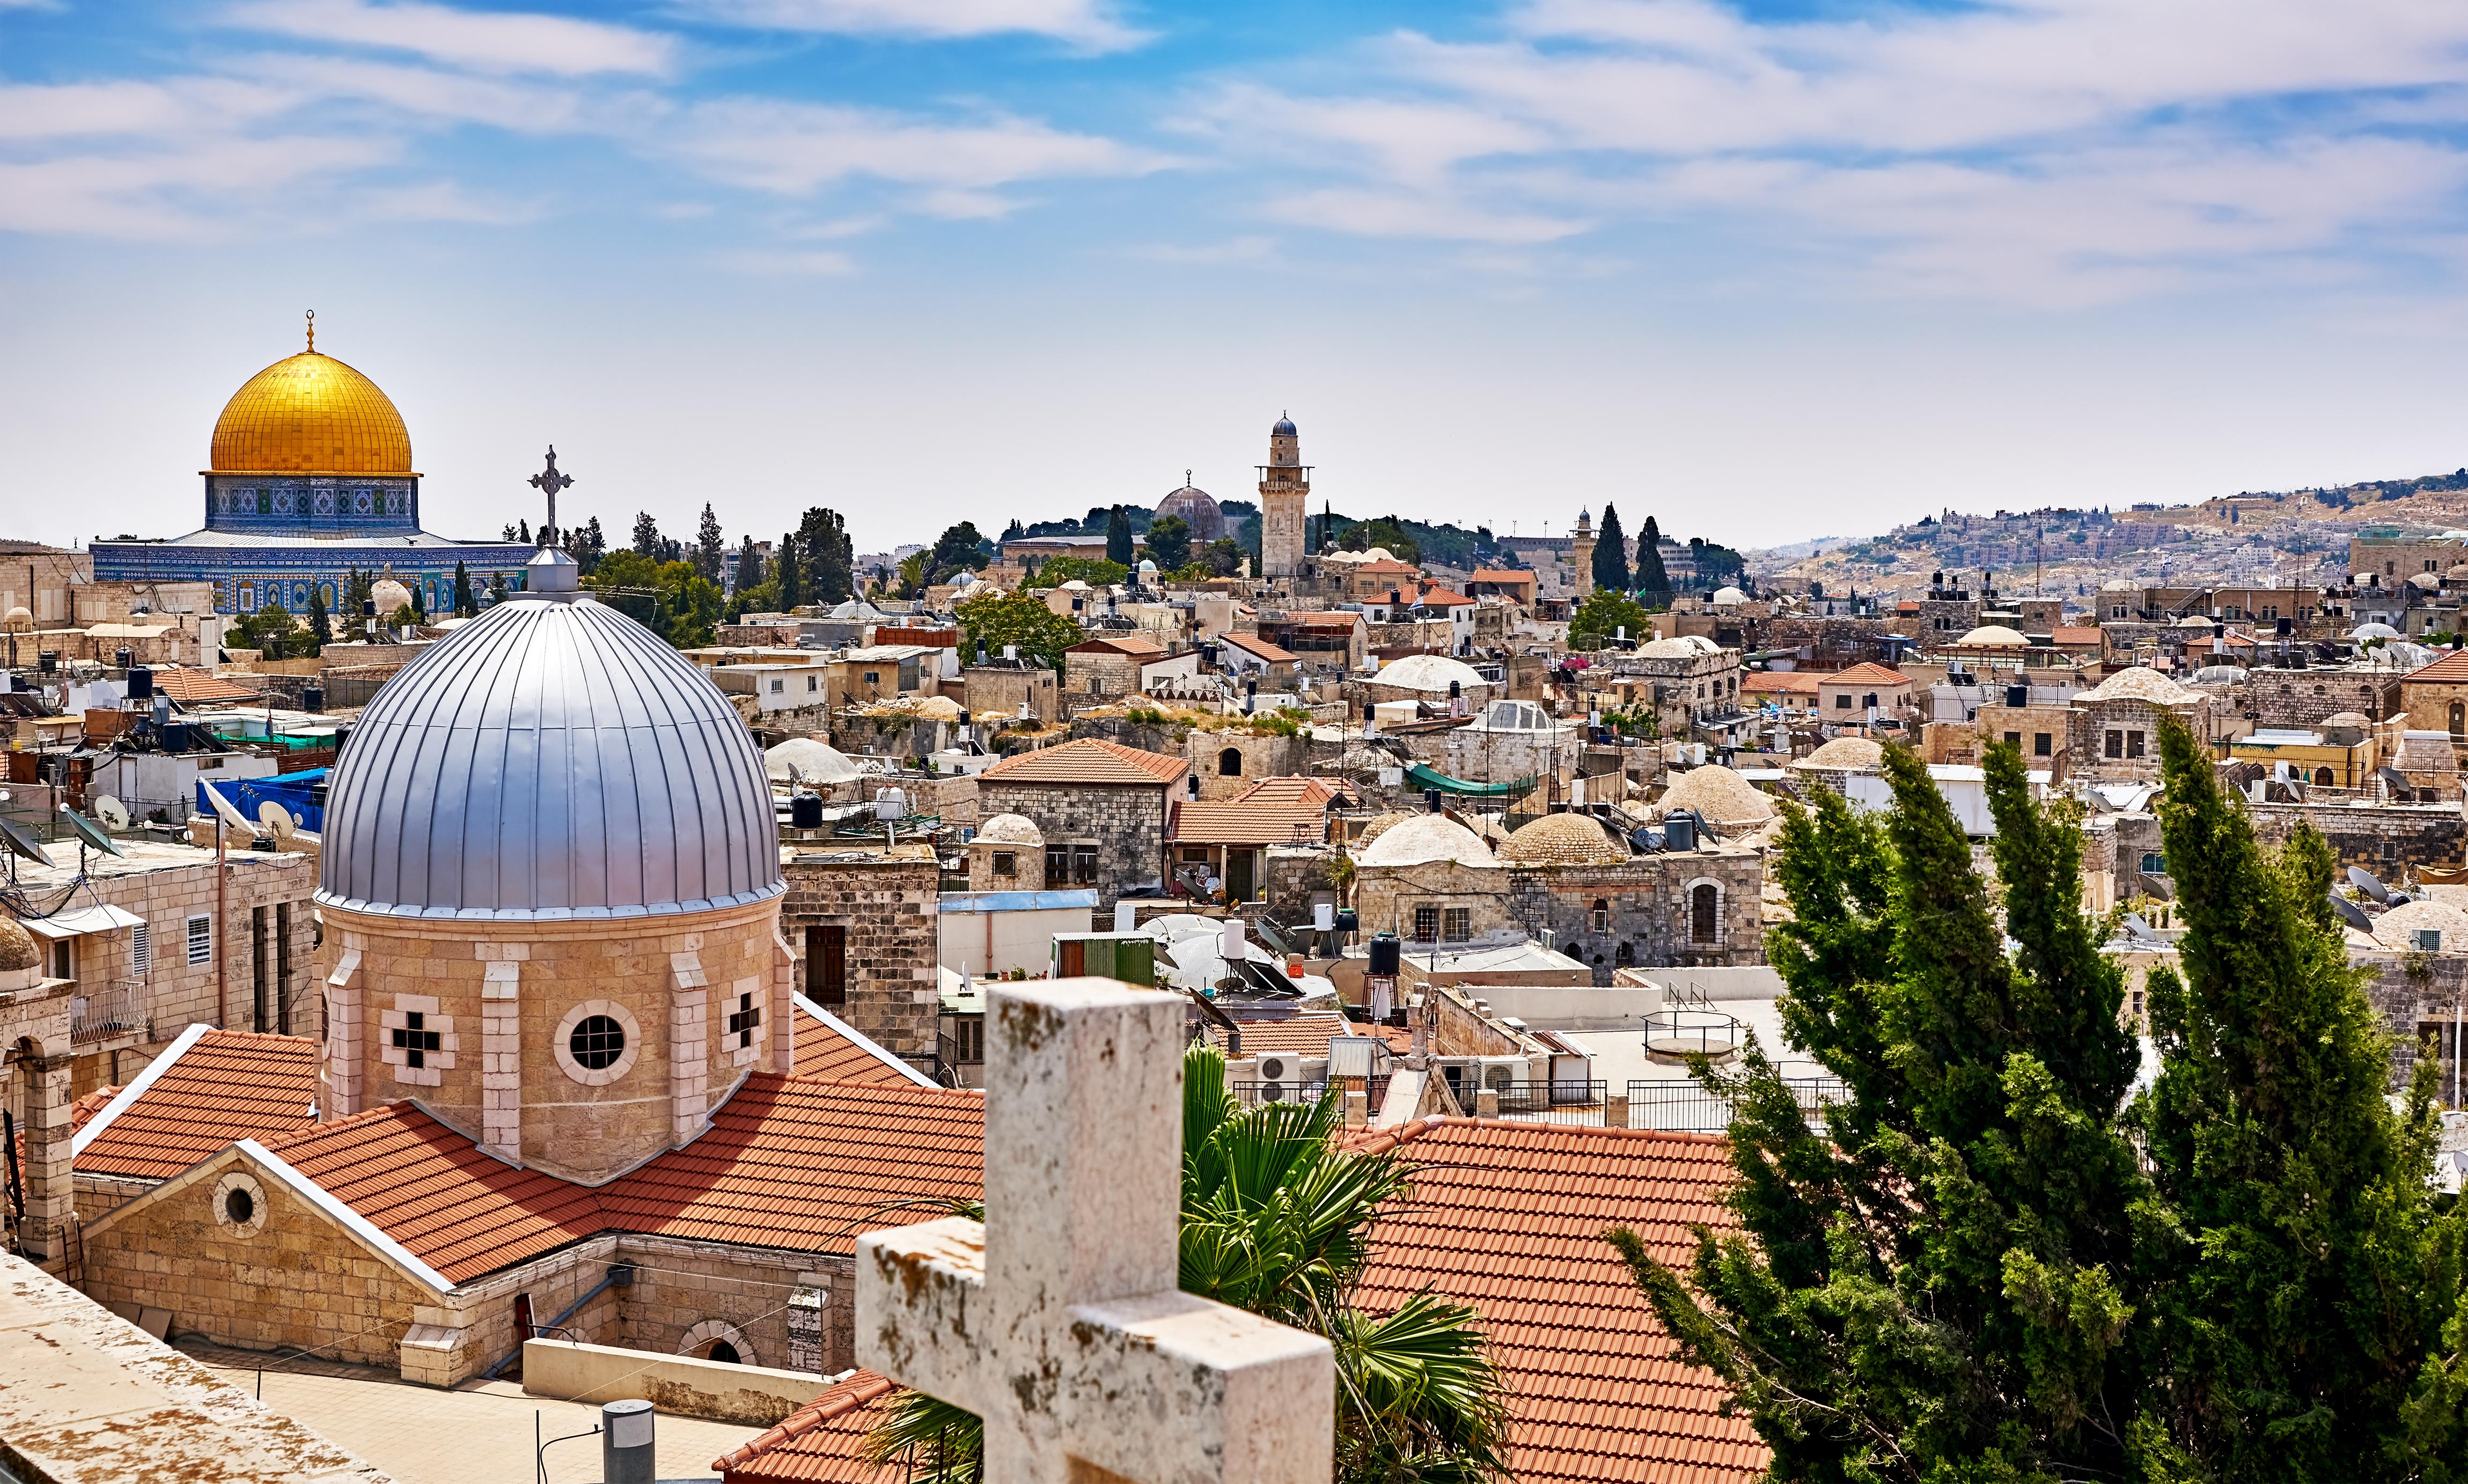 Jerusalén, la ciudad de las tres culturas - Israel Circuito Israel imprescindible